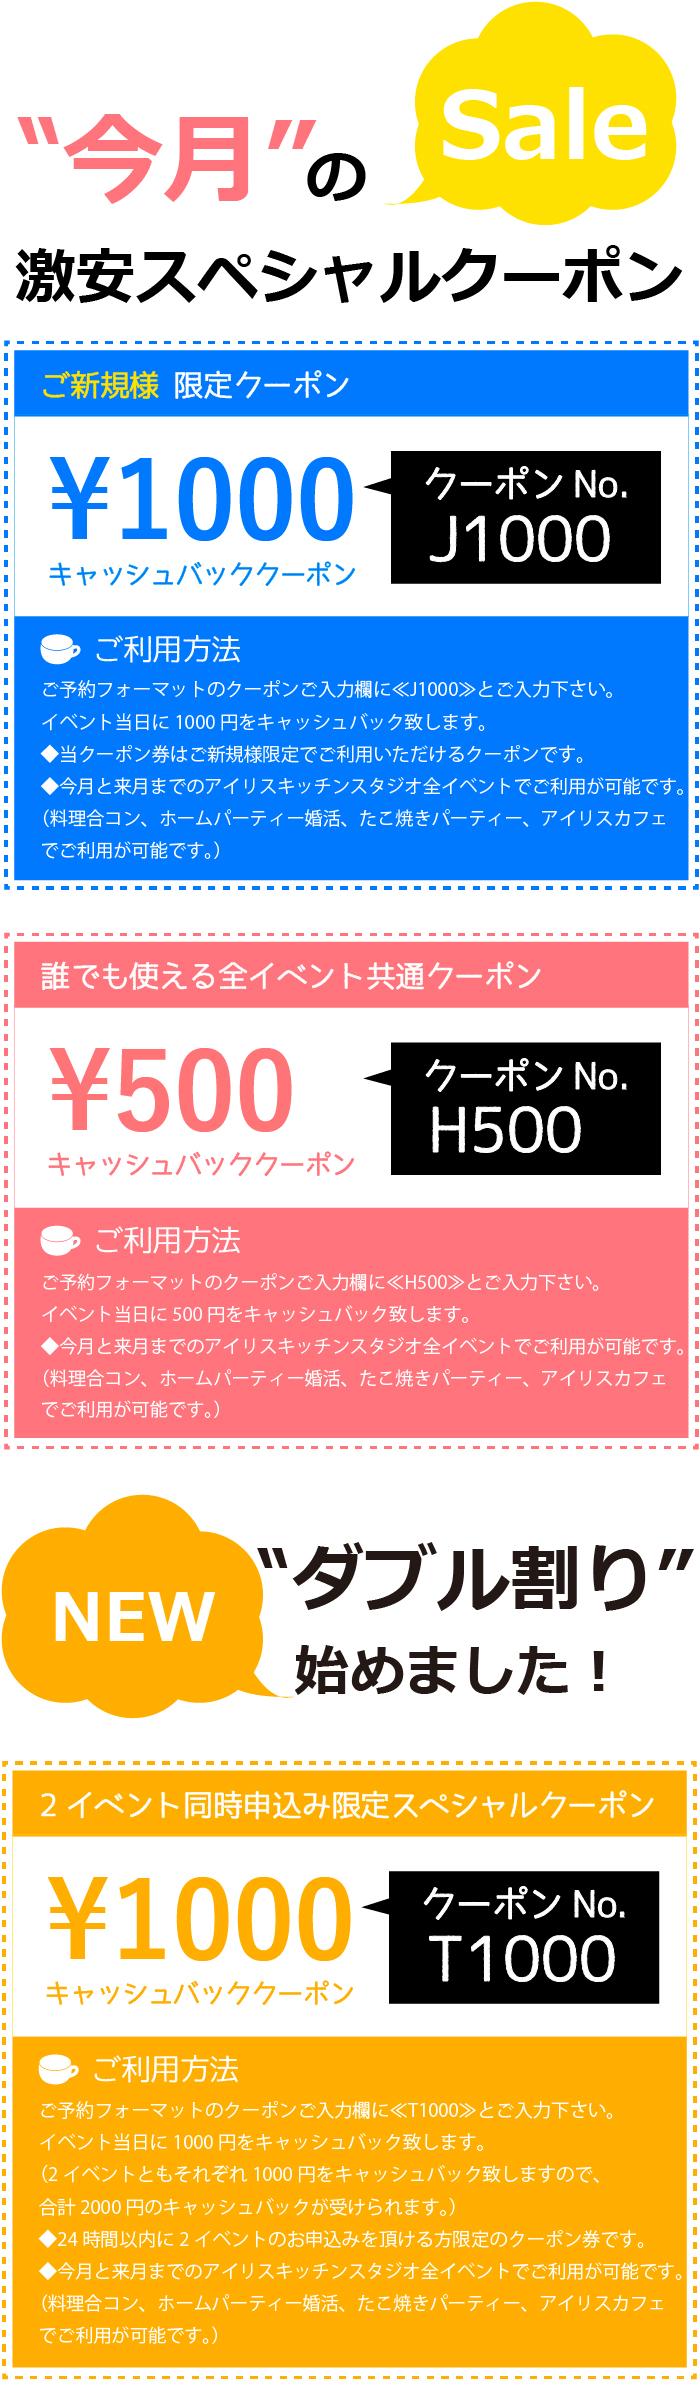 最大1000円キャッシュバッククーポンプレゼント